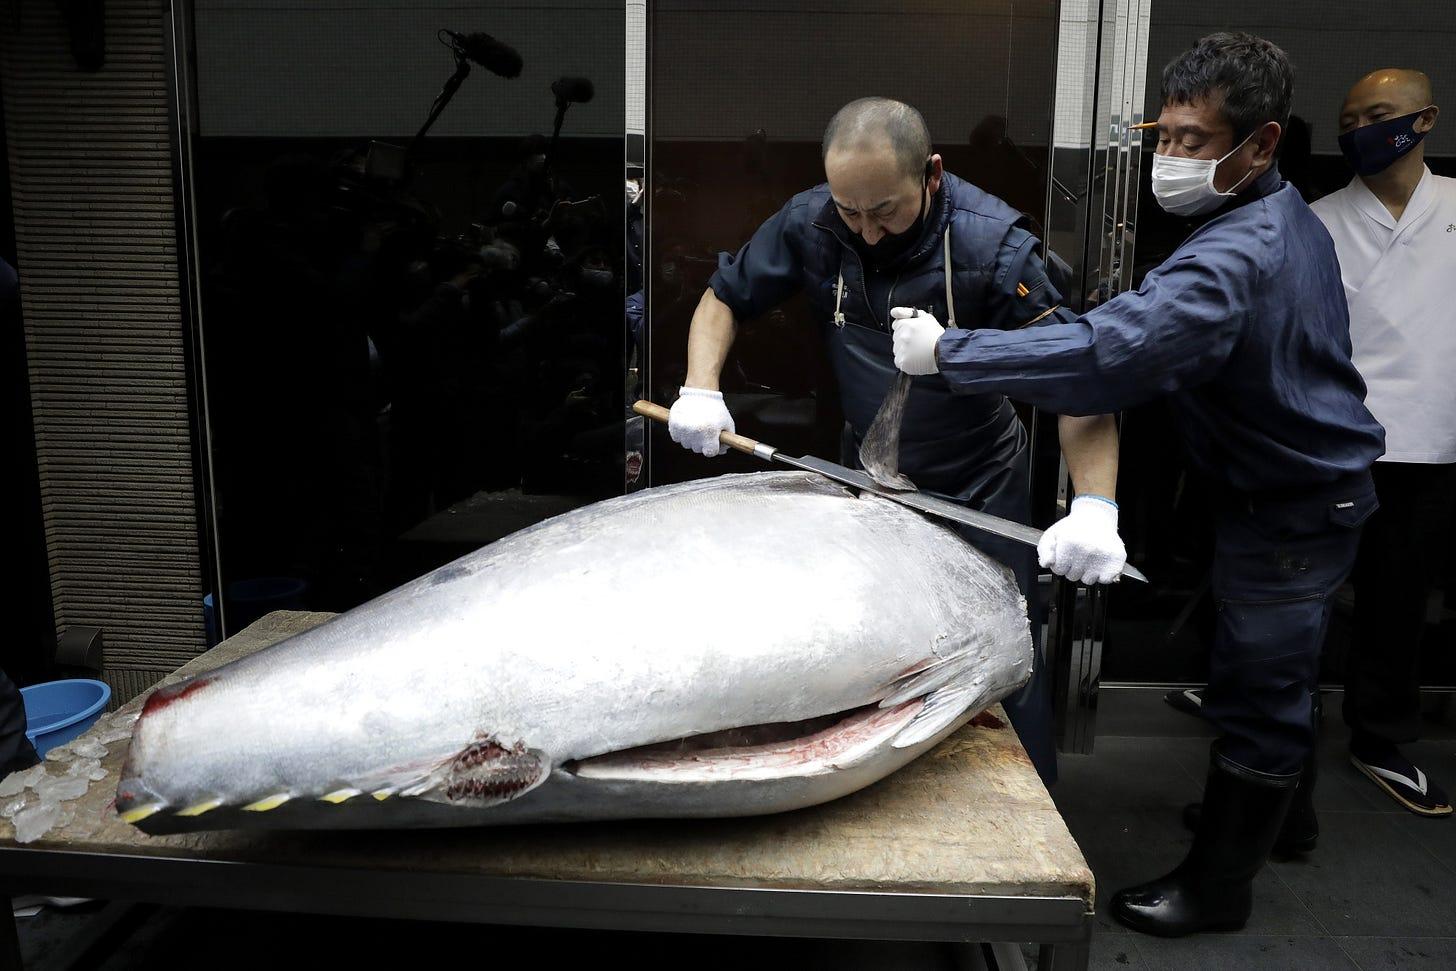 A bluefin tuna sold for 20.84 million yen ($202,000).